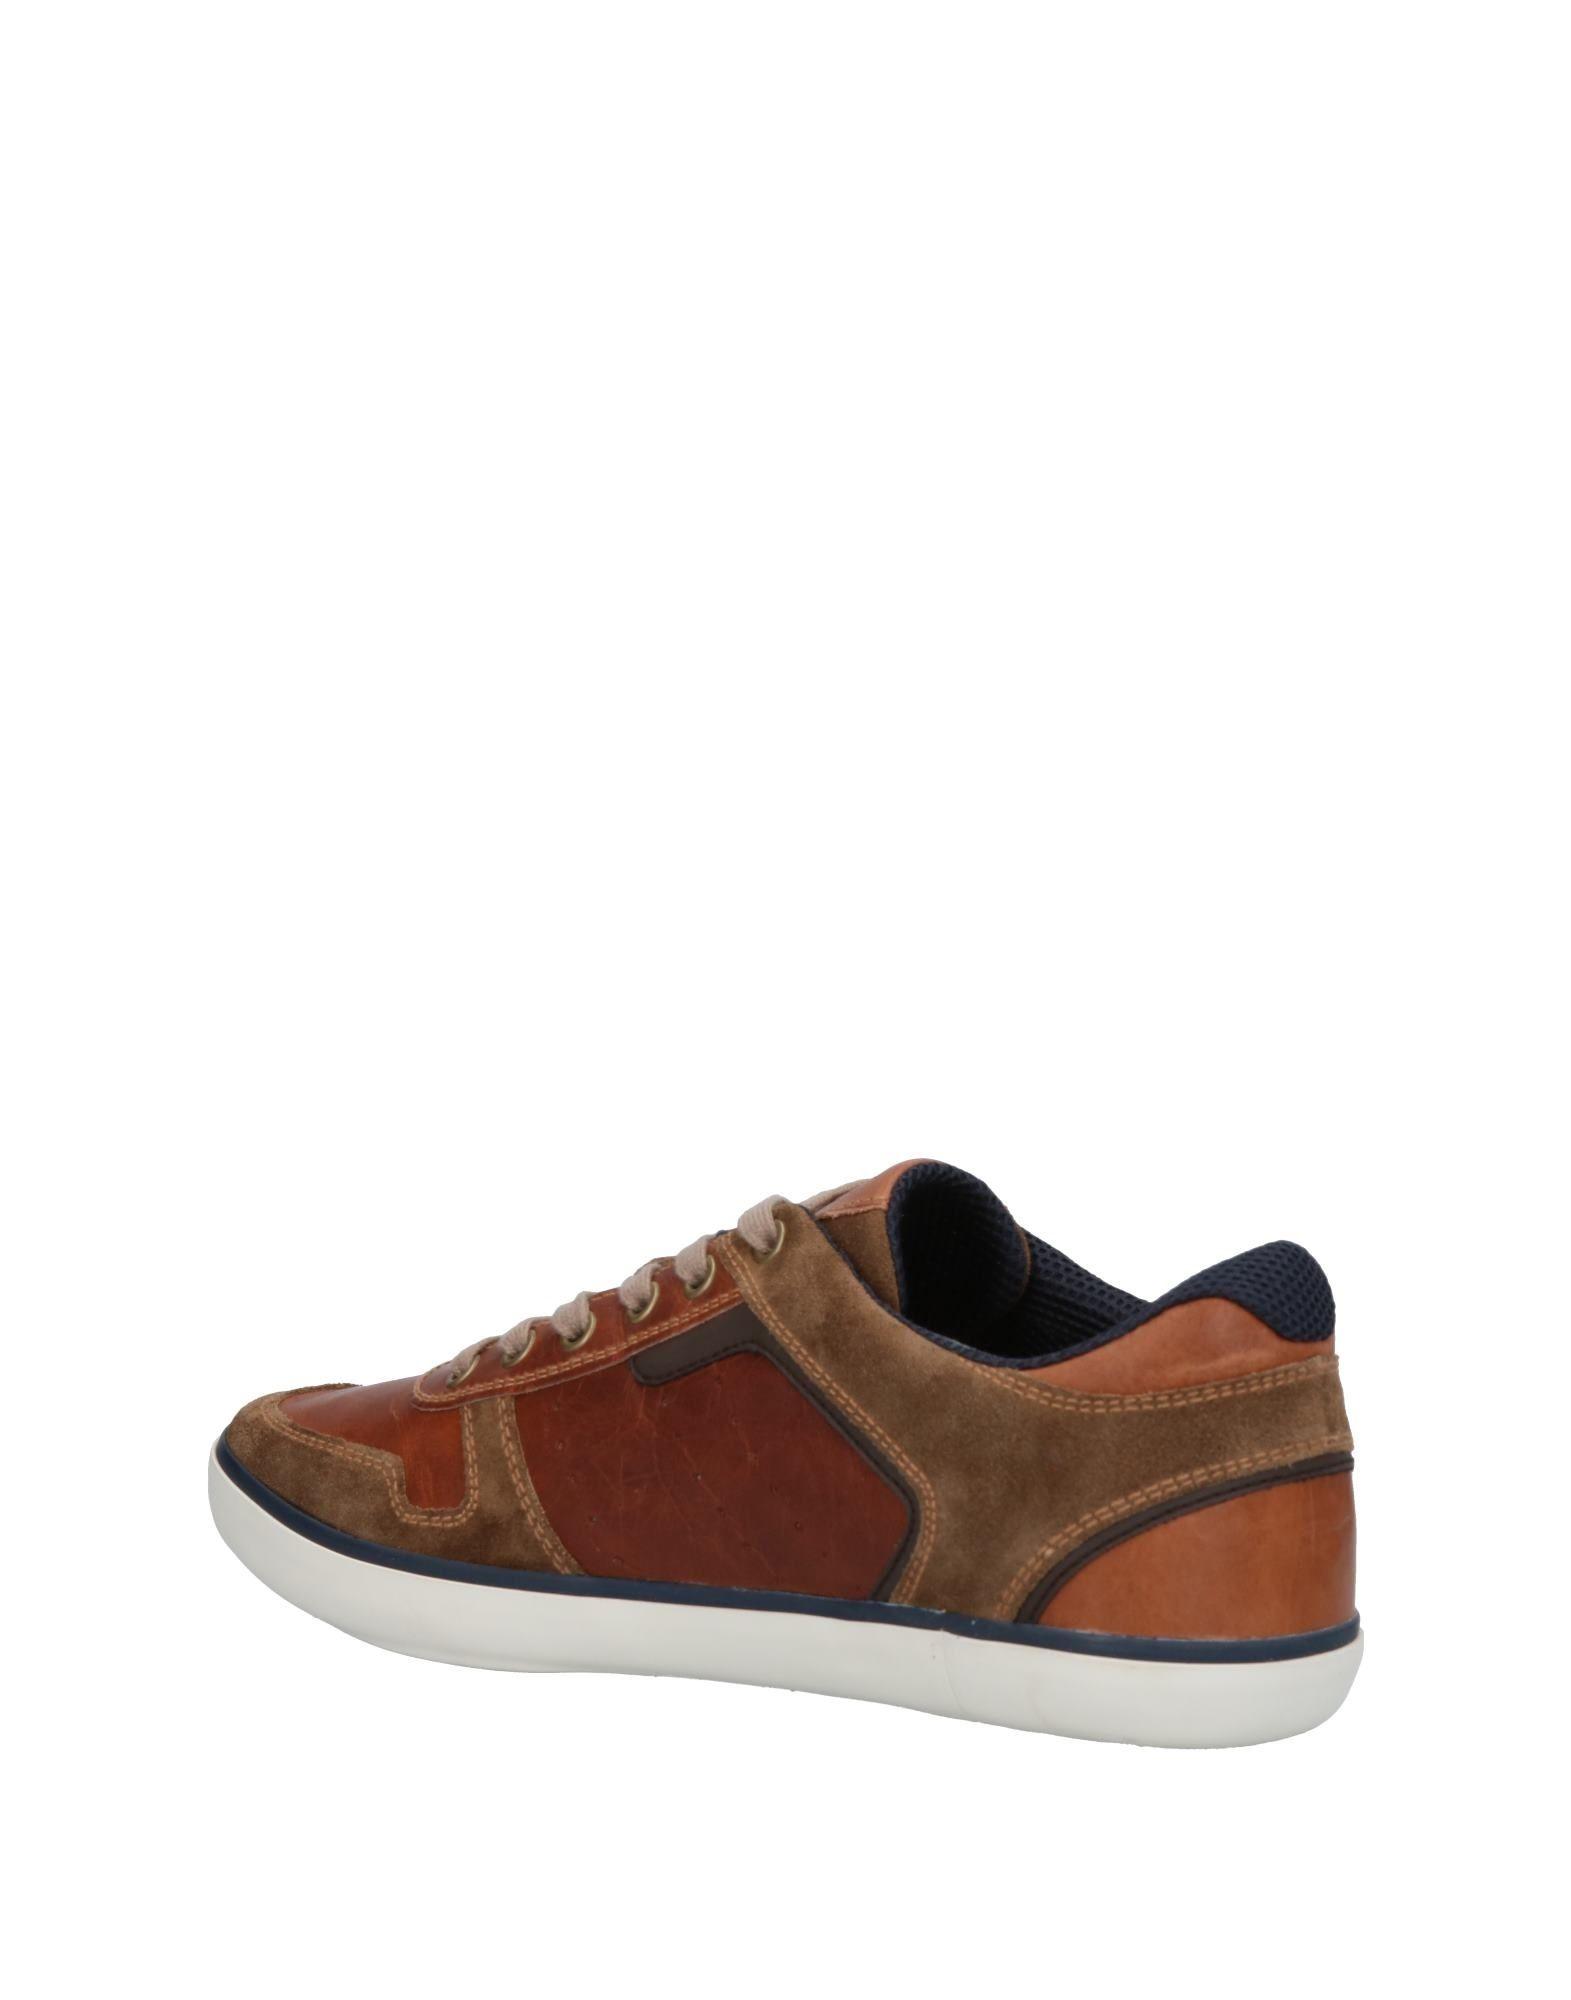 Geox Sneakers Herren    11414692GD Heiße Schuhe d54f31